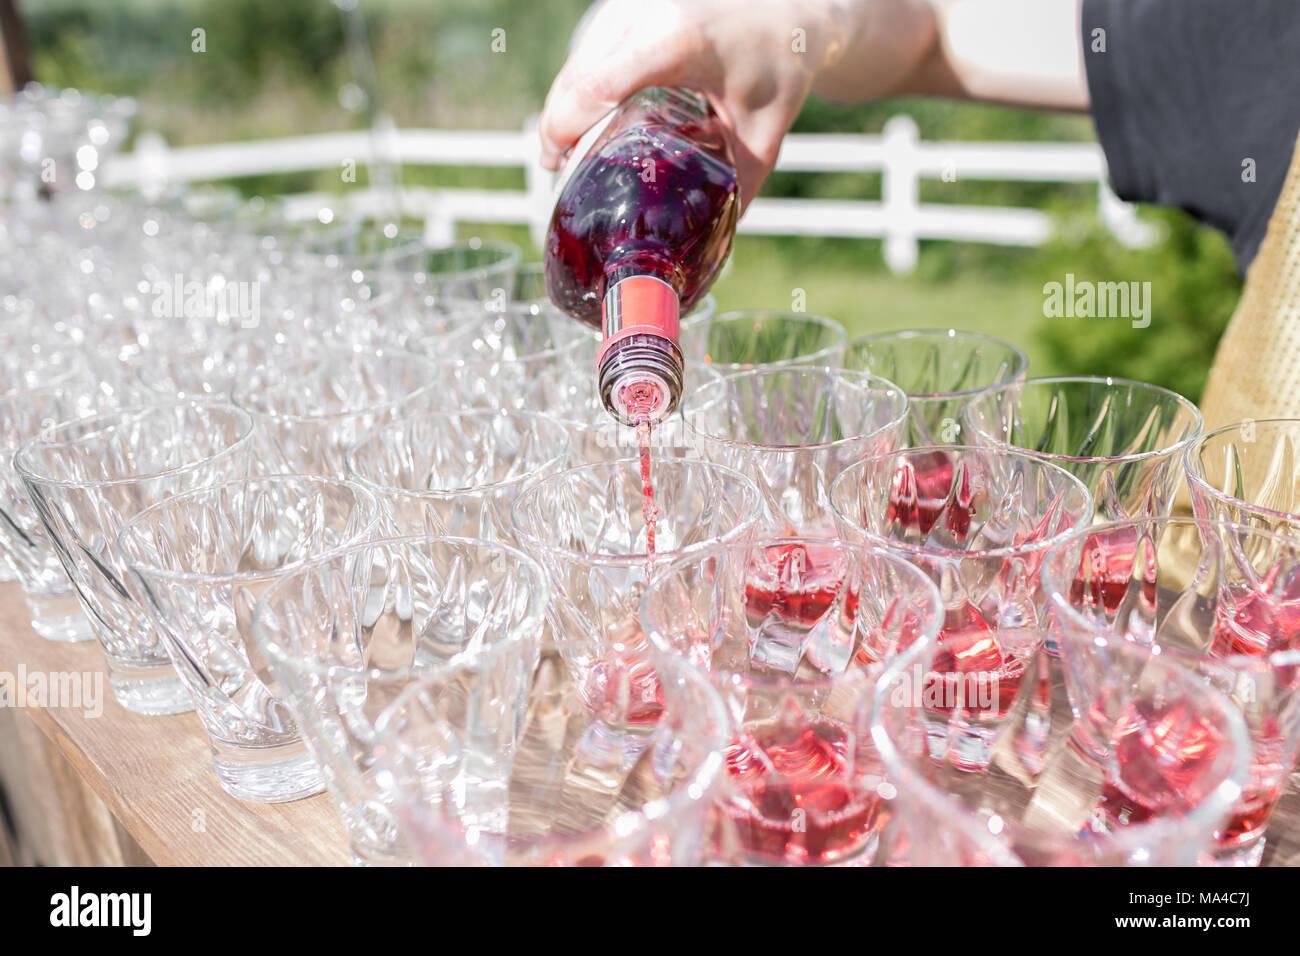 Manos de un camarero que hace pirámide de vasos para bebidas, vino, champagne, ambiente festivo, de celebración Imagen De Stock